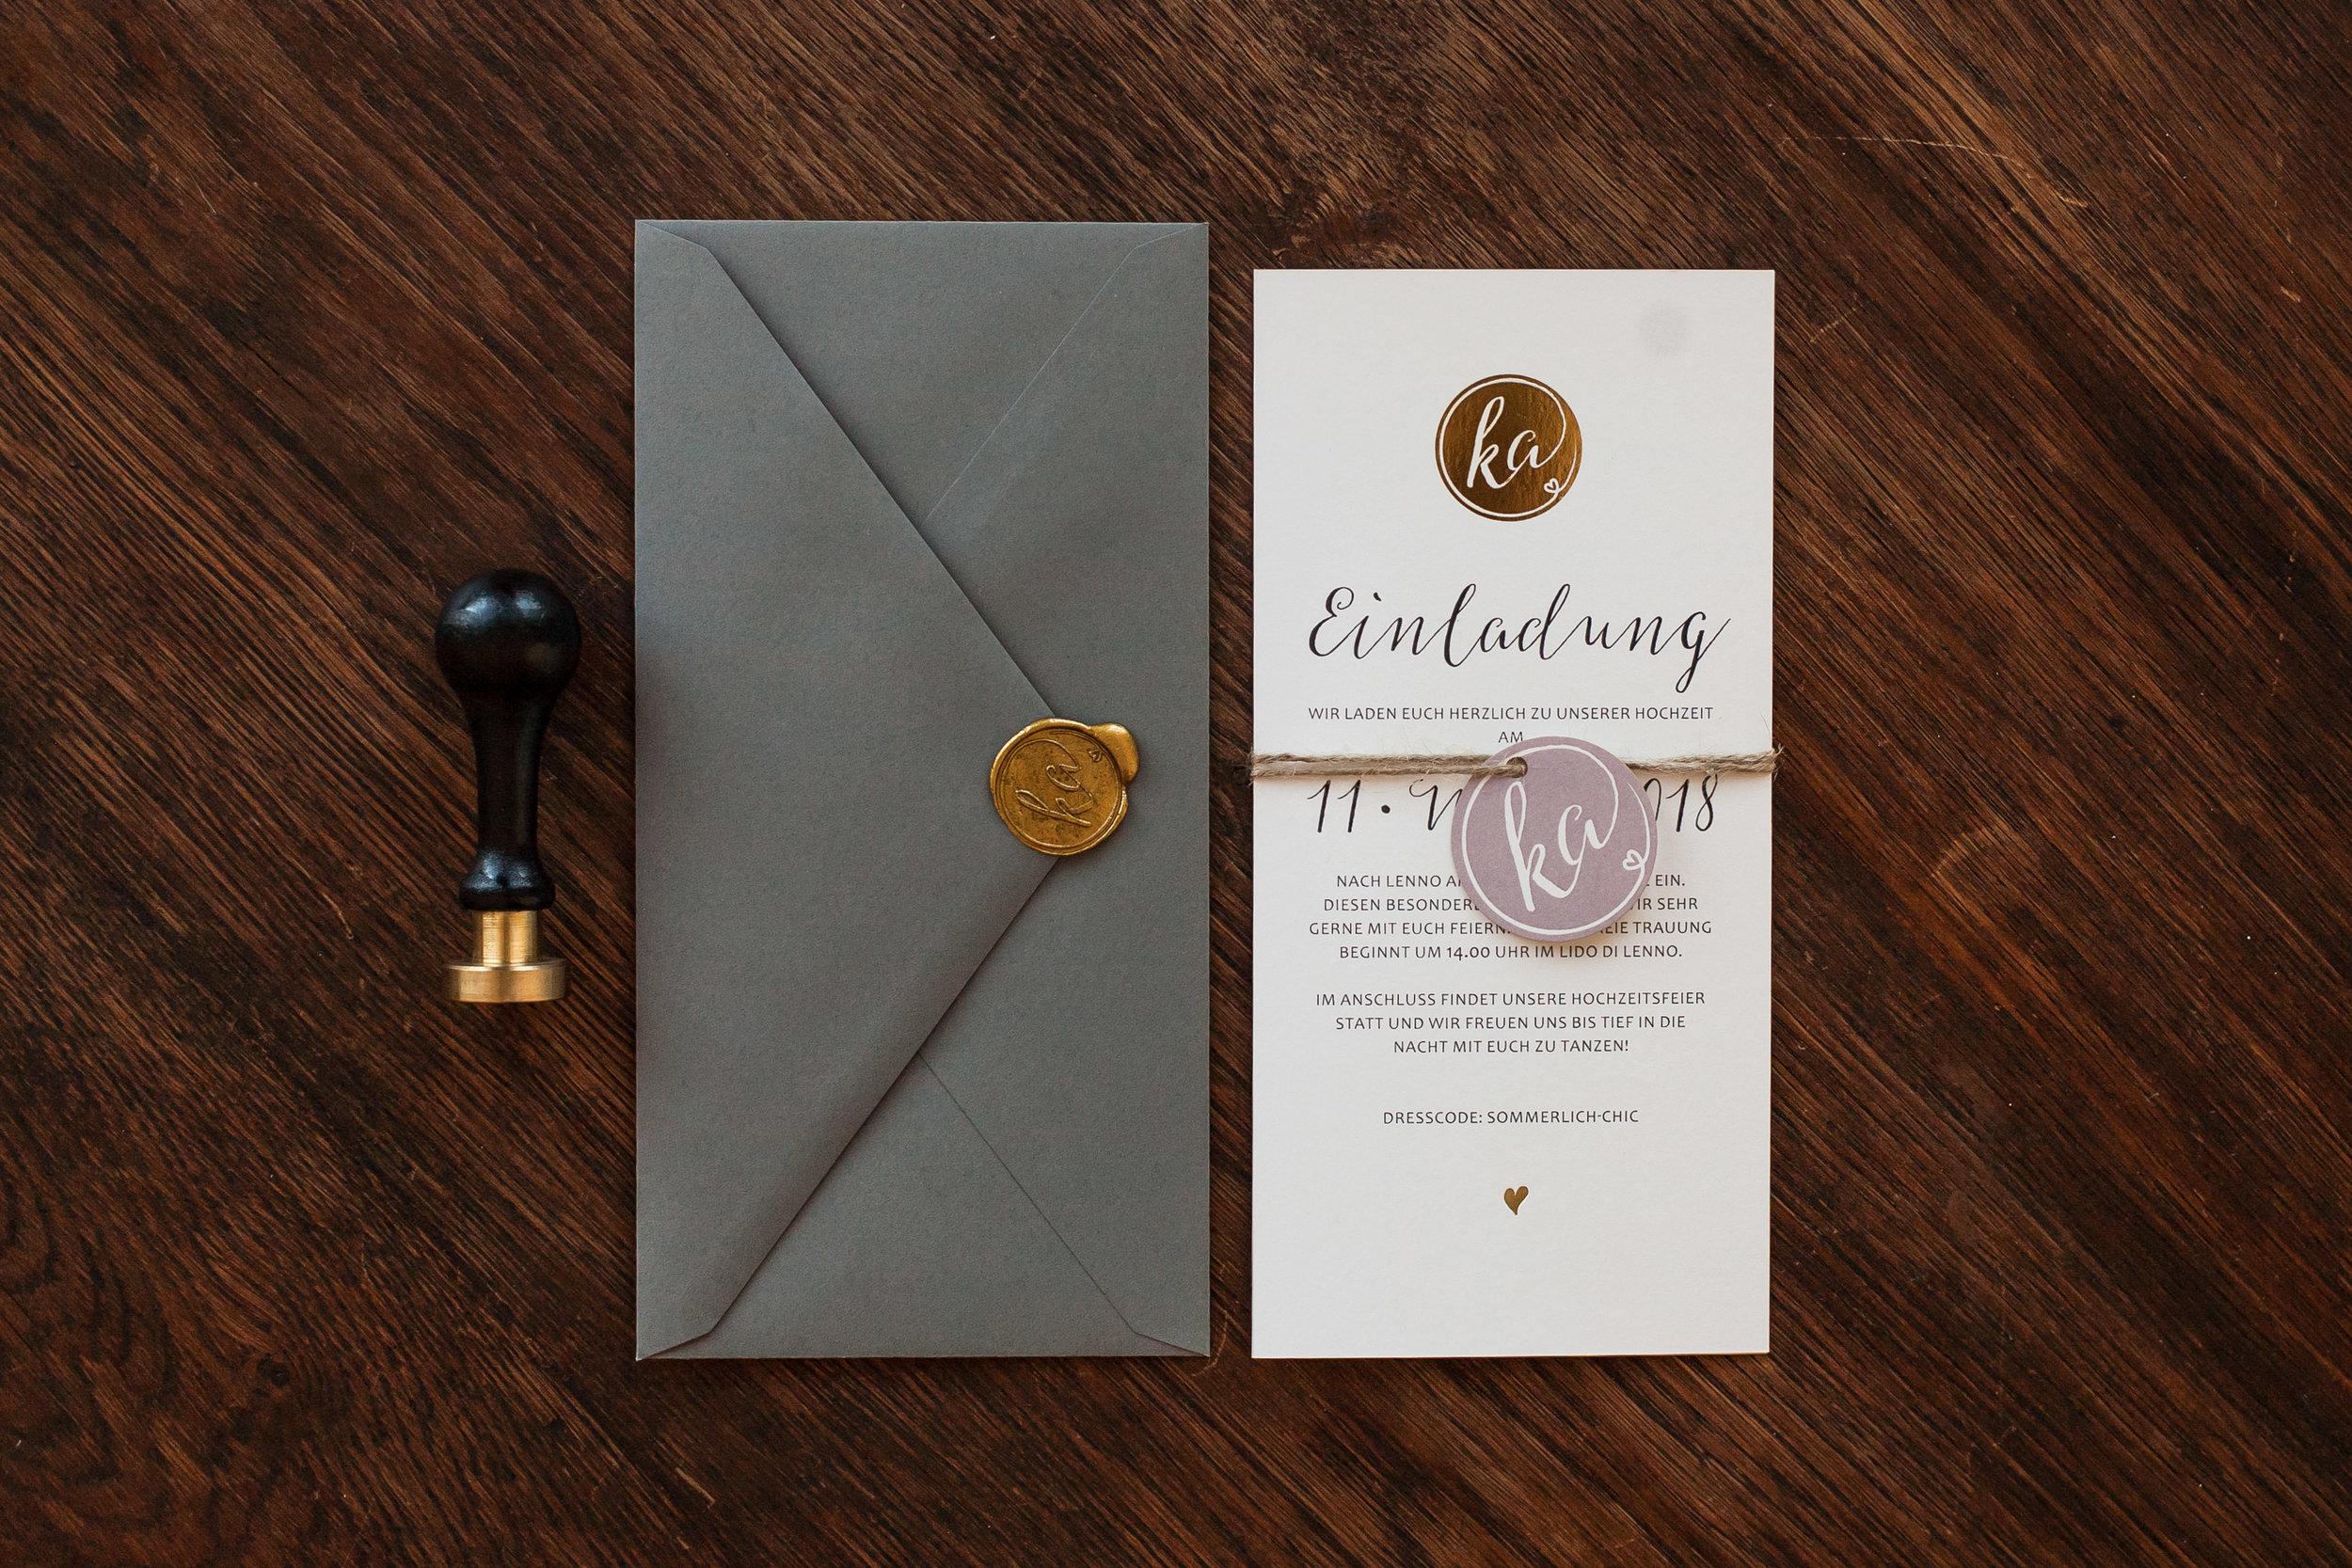 Hochzeitseinladung aus zwei Flachkarten gebunden mit Anhänger, grauer Briefumschlag mit goldenem Siegel